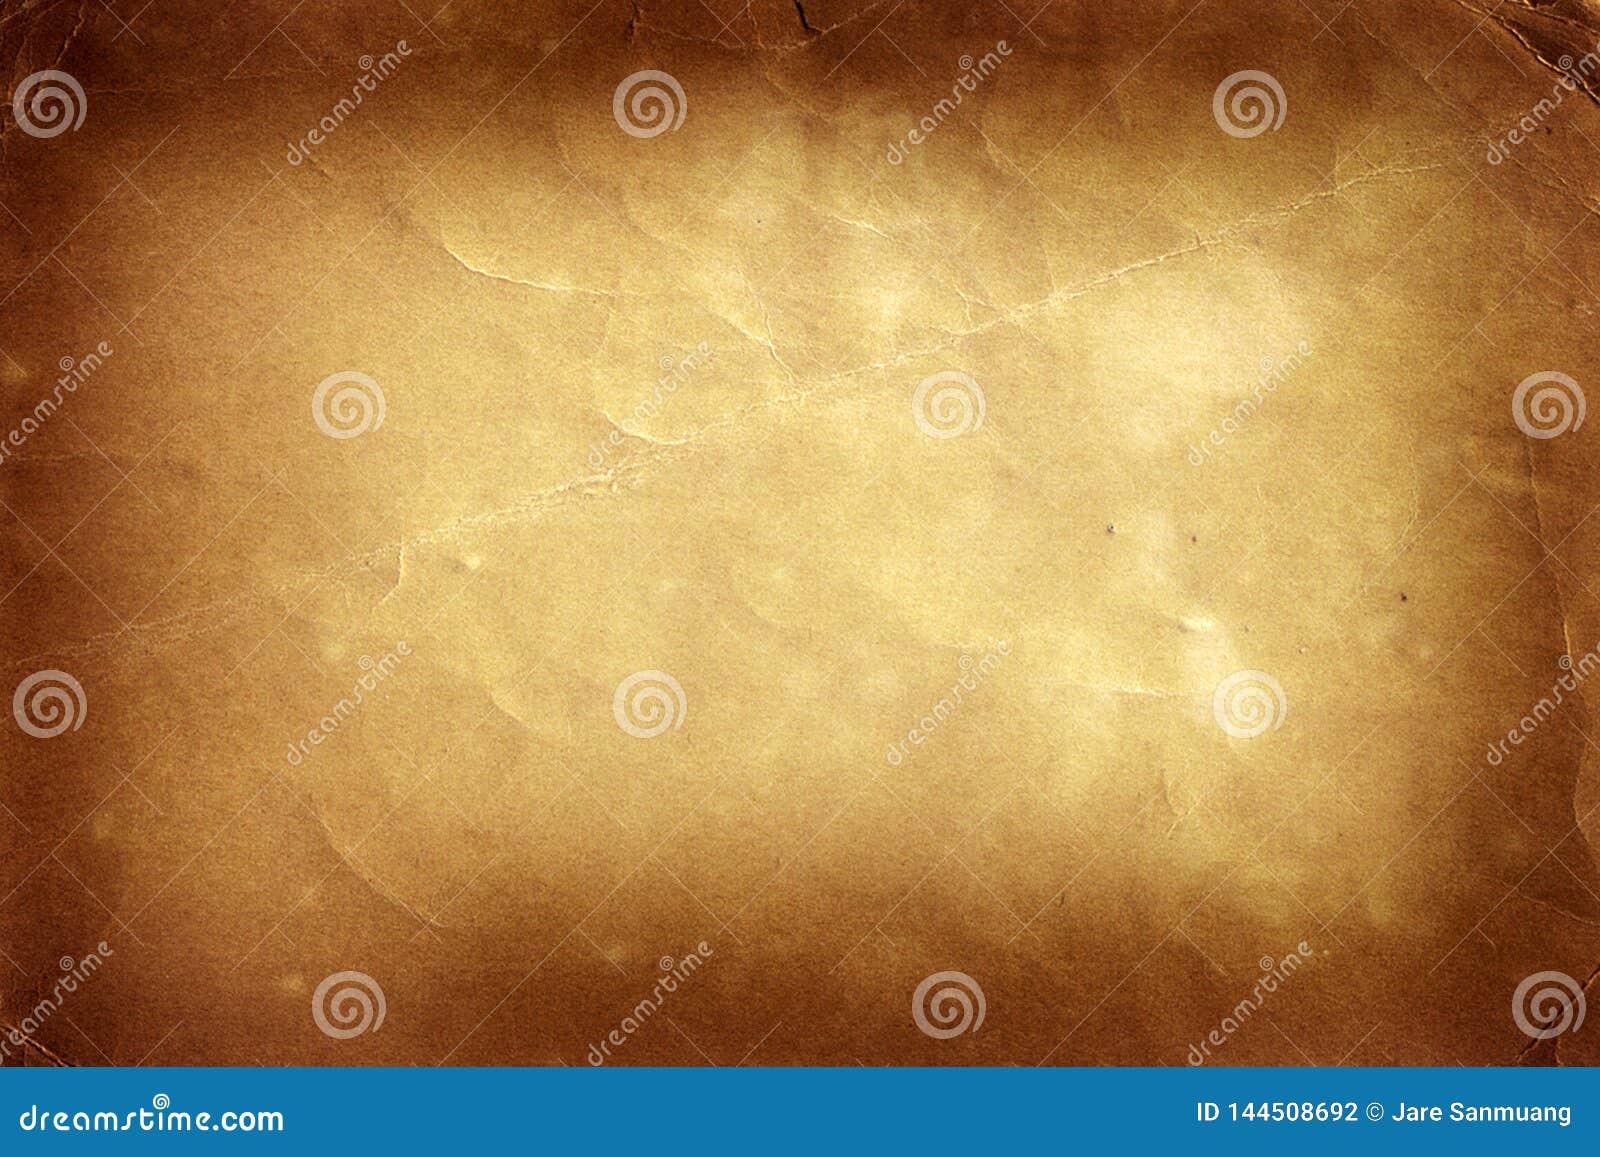 För arkbakgrund för närbild gammal vit textur